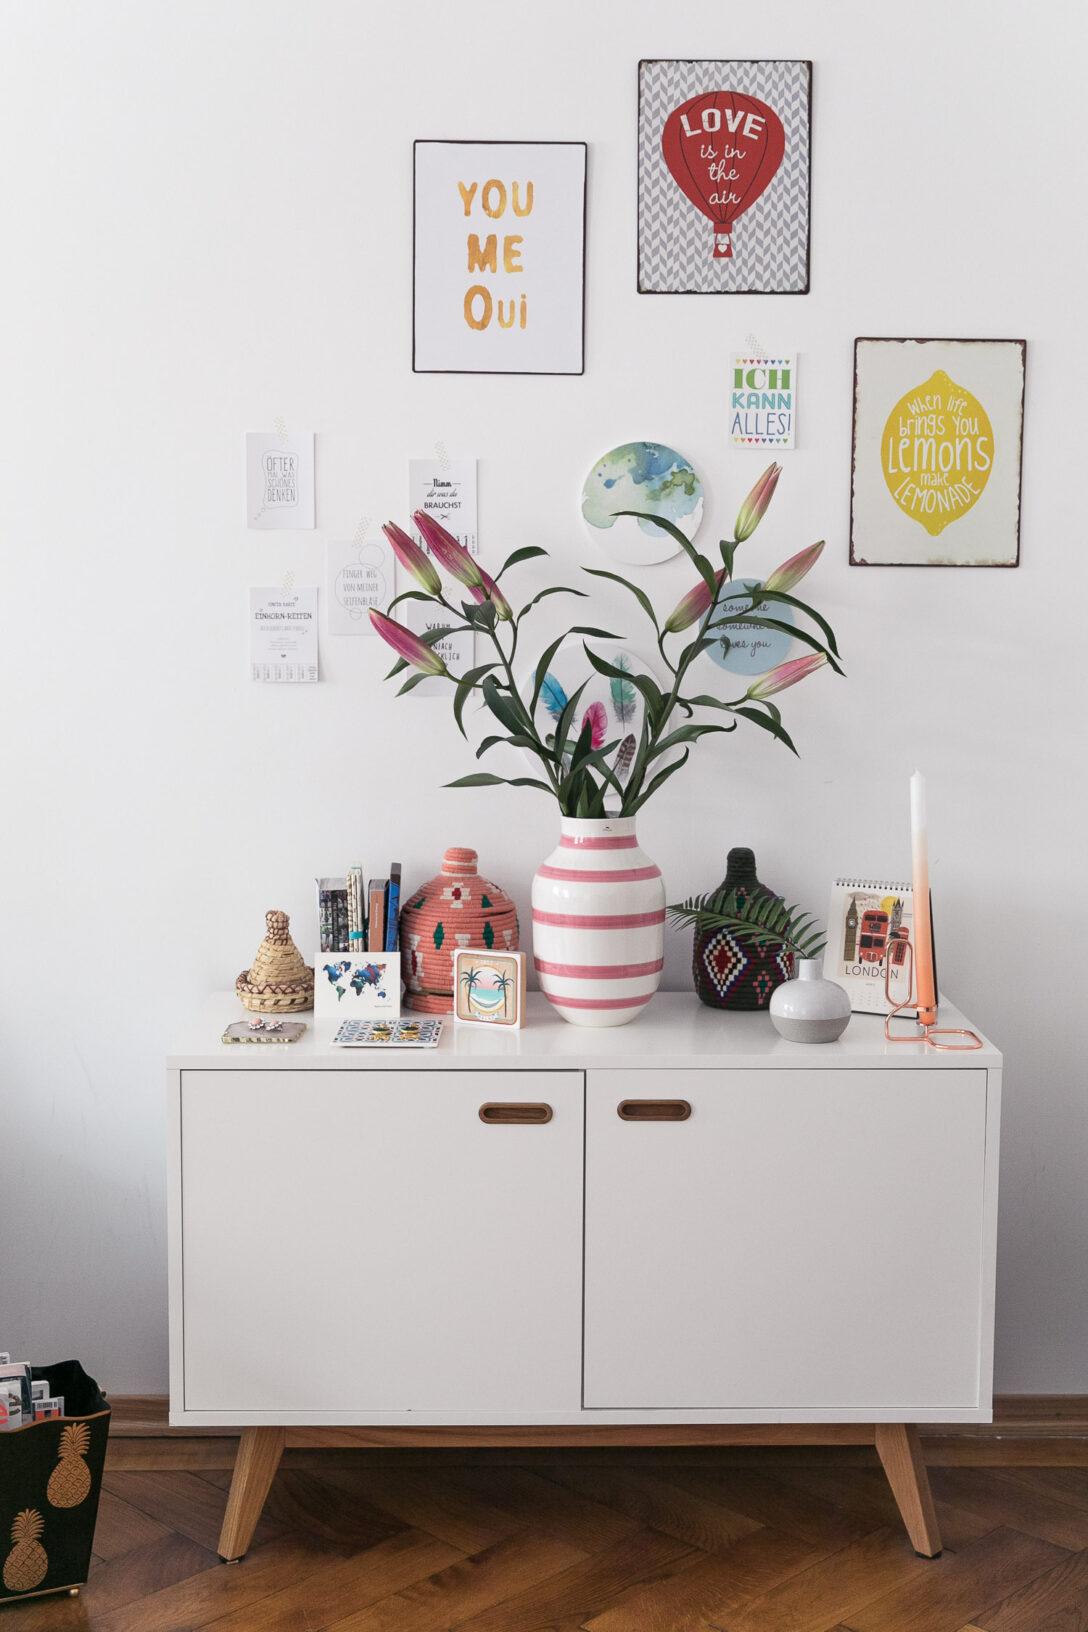 Large Size of Deko Sideboard Dekoration Styling Blumen Vase Josie Loves Wanddeko Küche Wohnzimmer Badezimmer Mit Arbeitsplatte Schlafzimmer Für Wohnzimmer Deko Sideboard